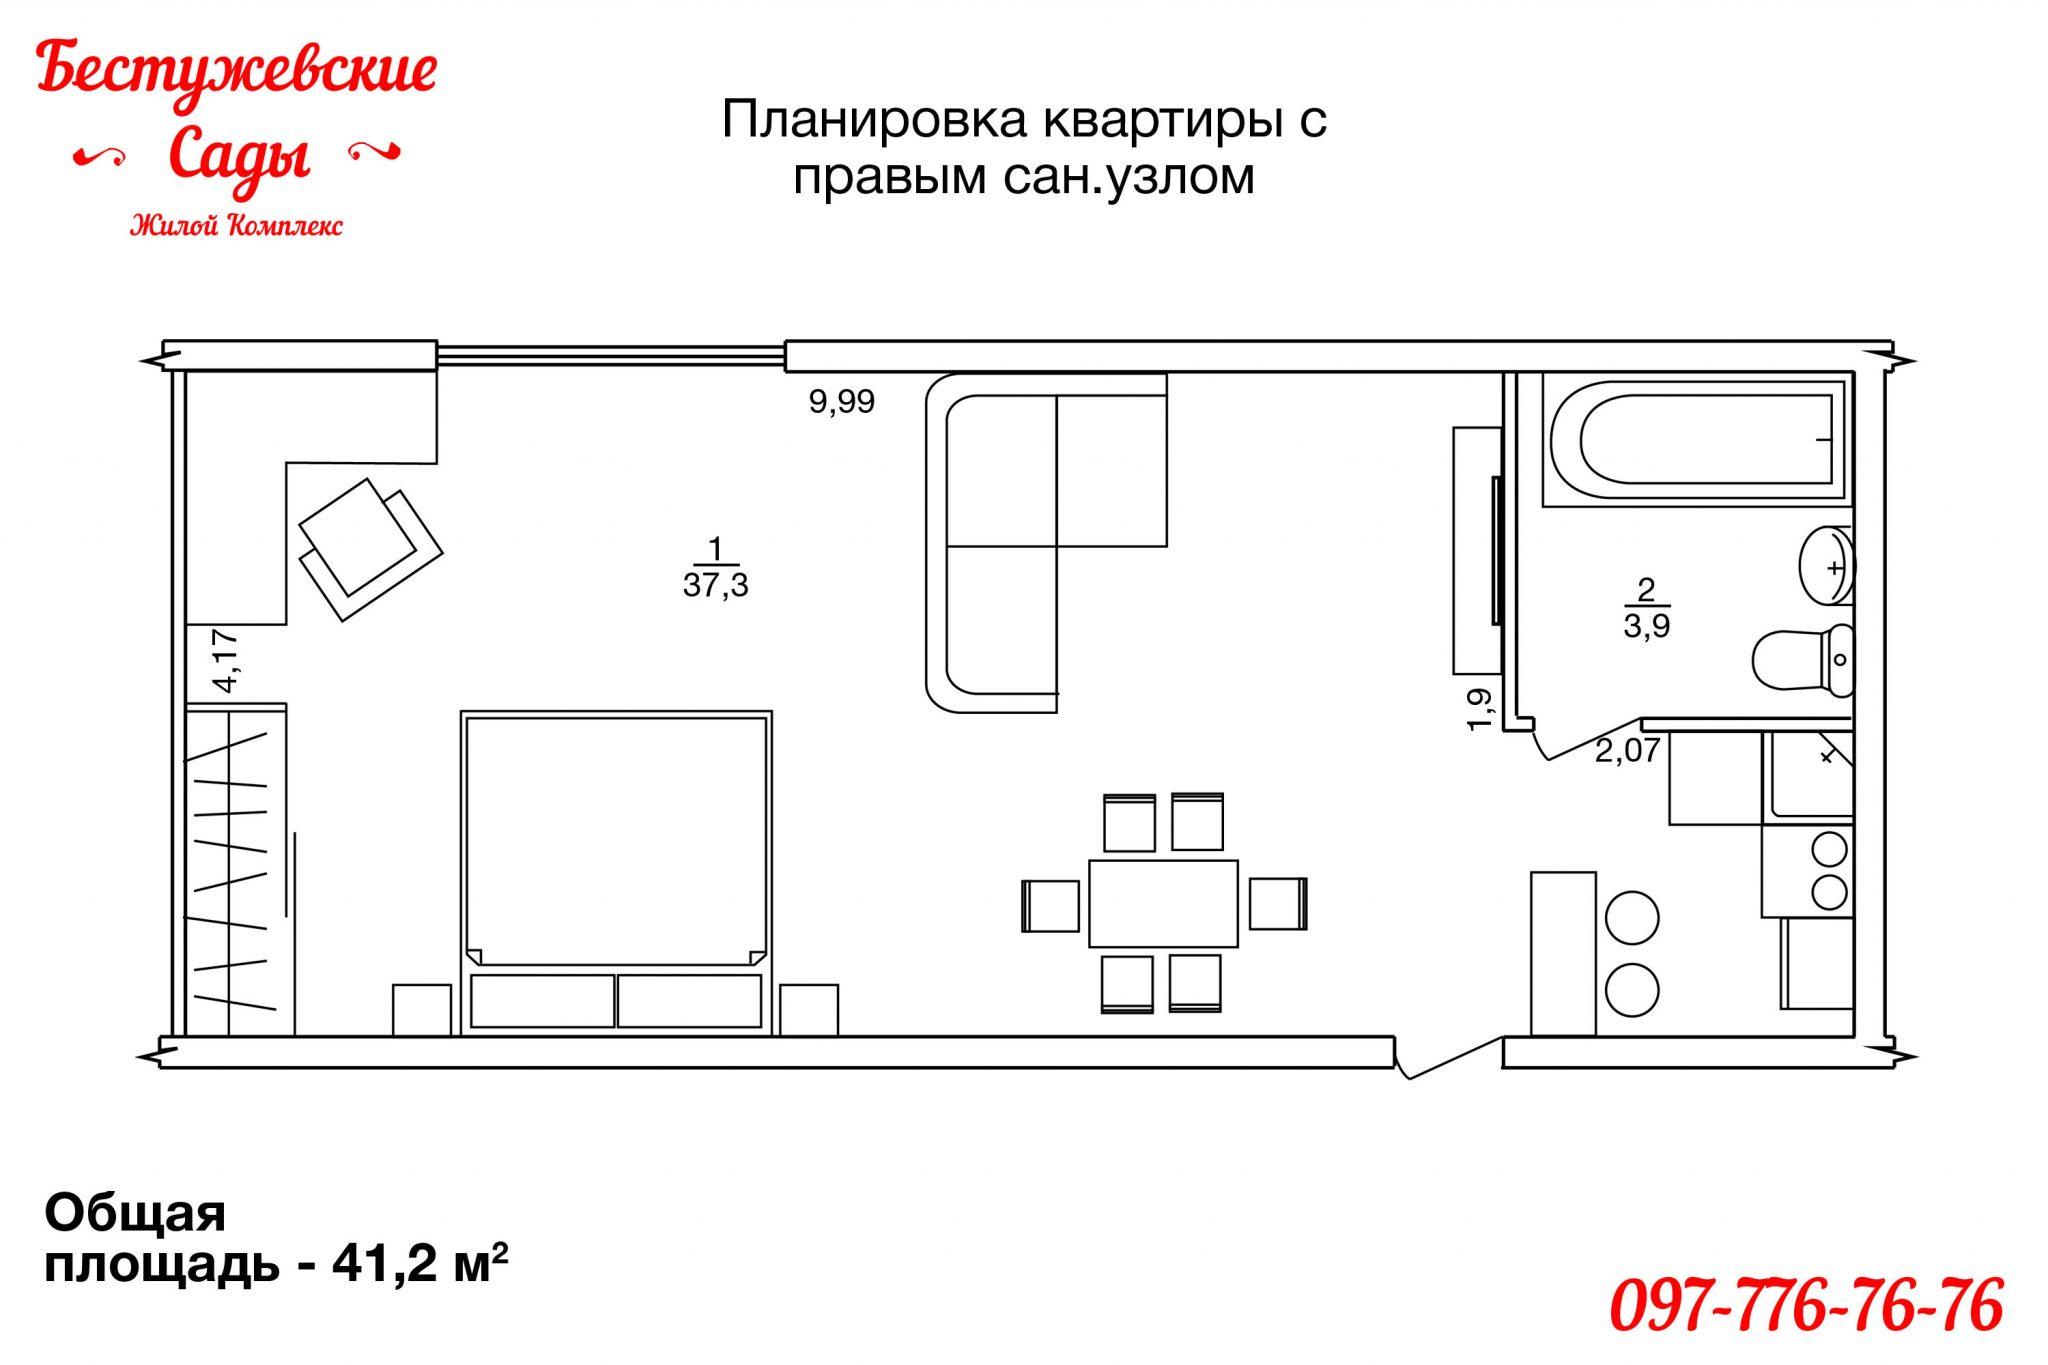 Квартира студия площадью 41 кв м